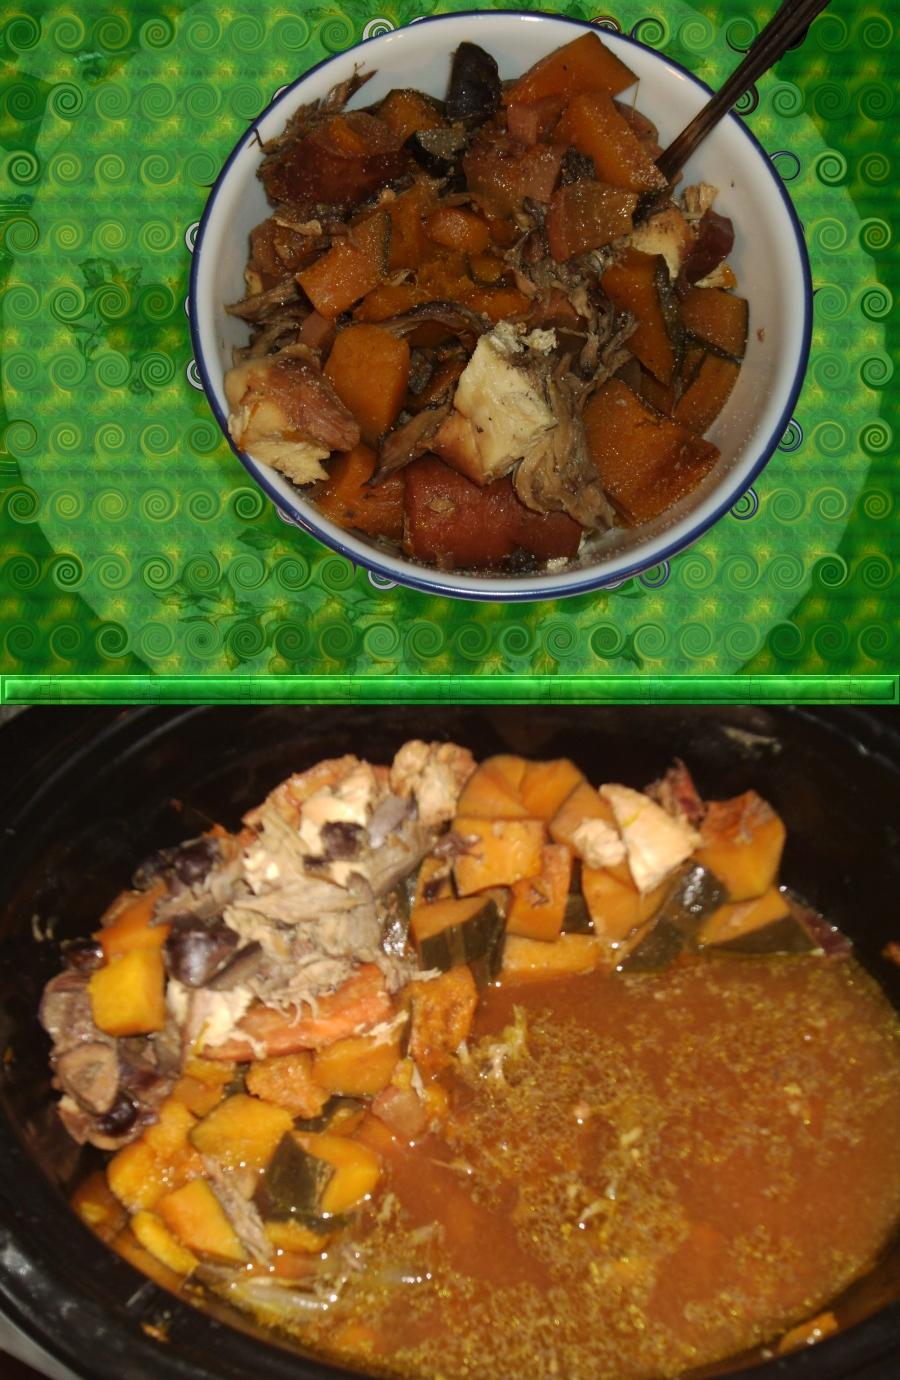 Turducken Stew by Windthin